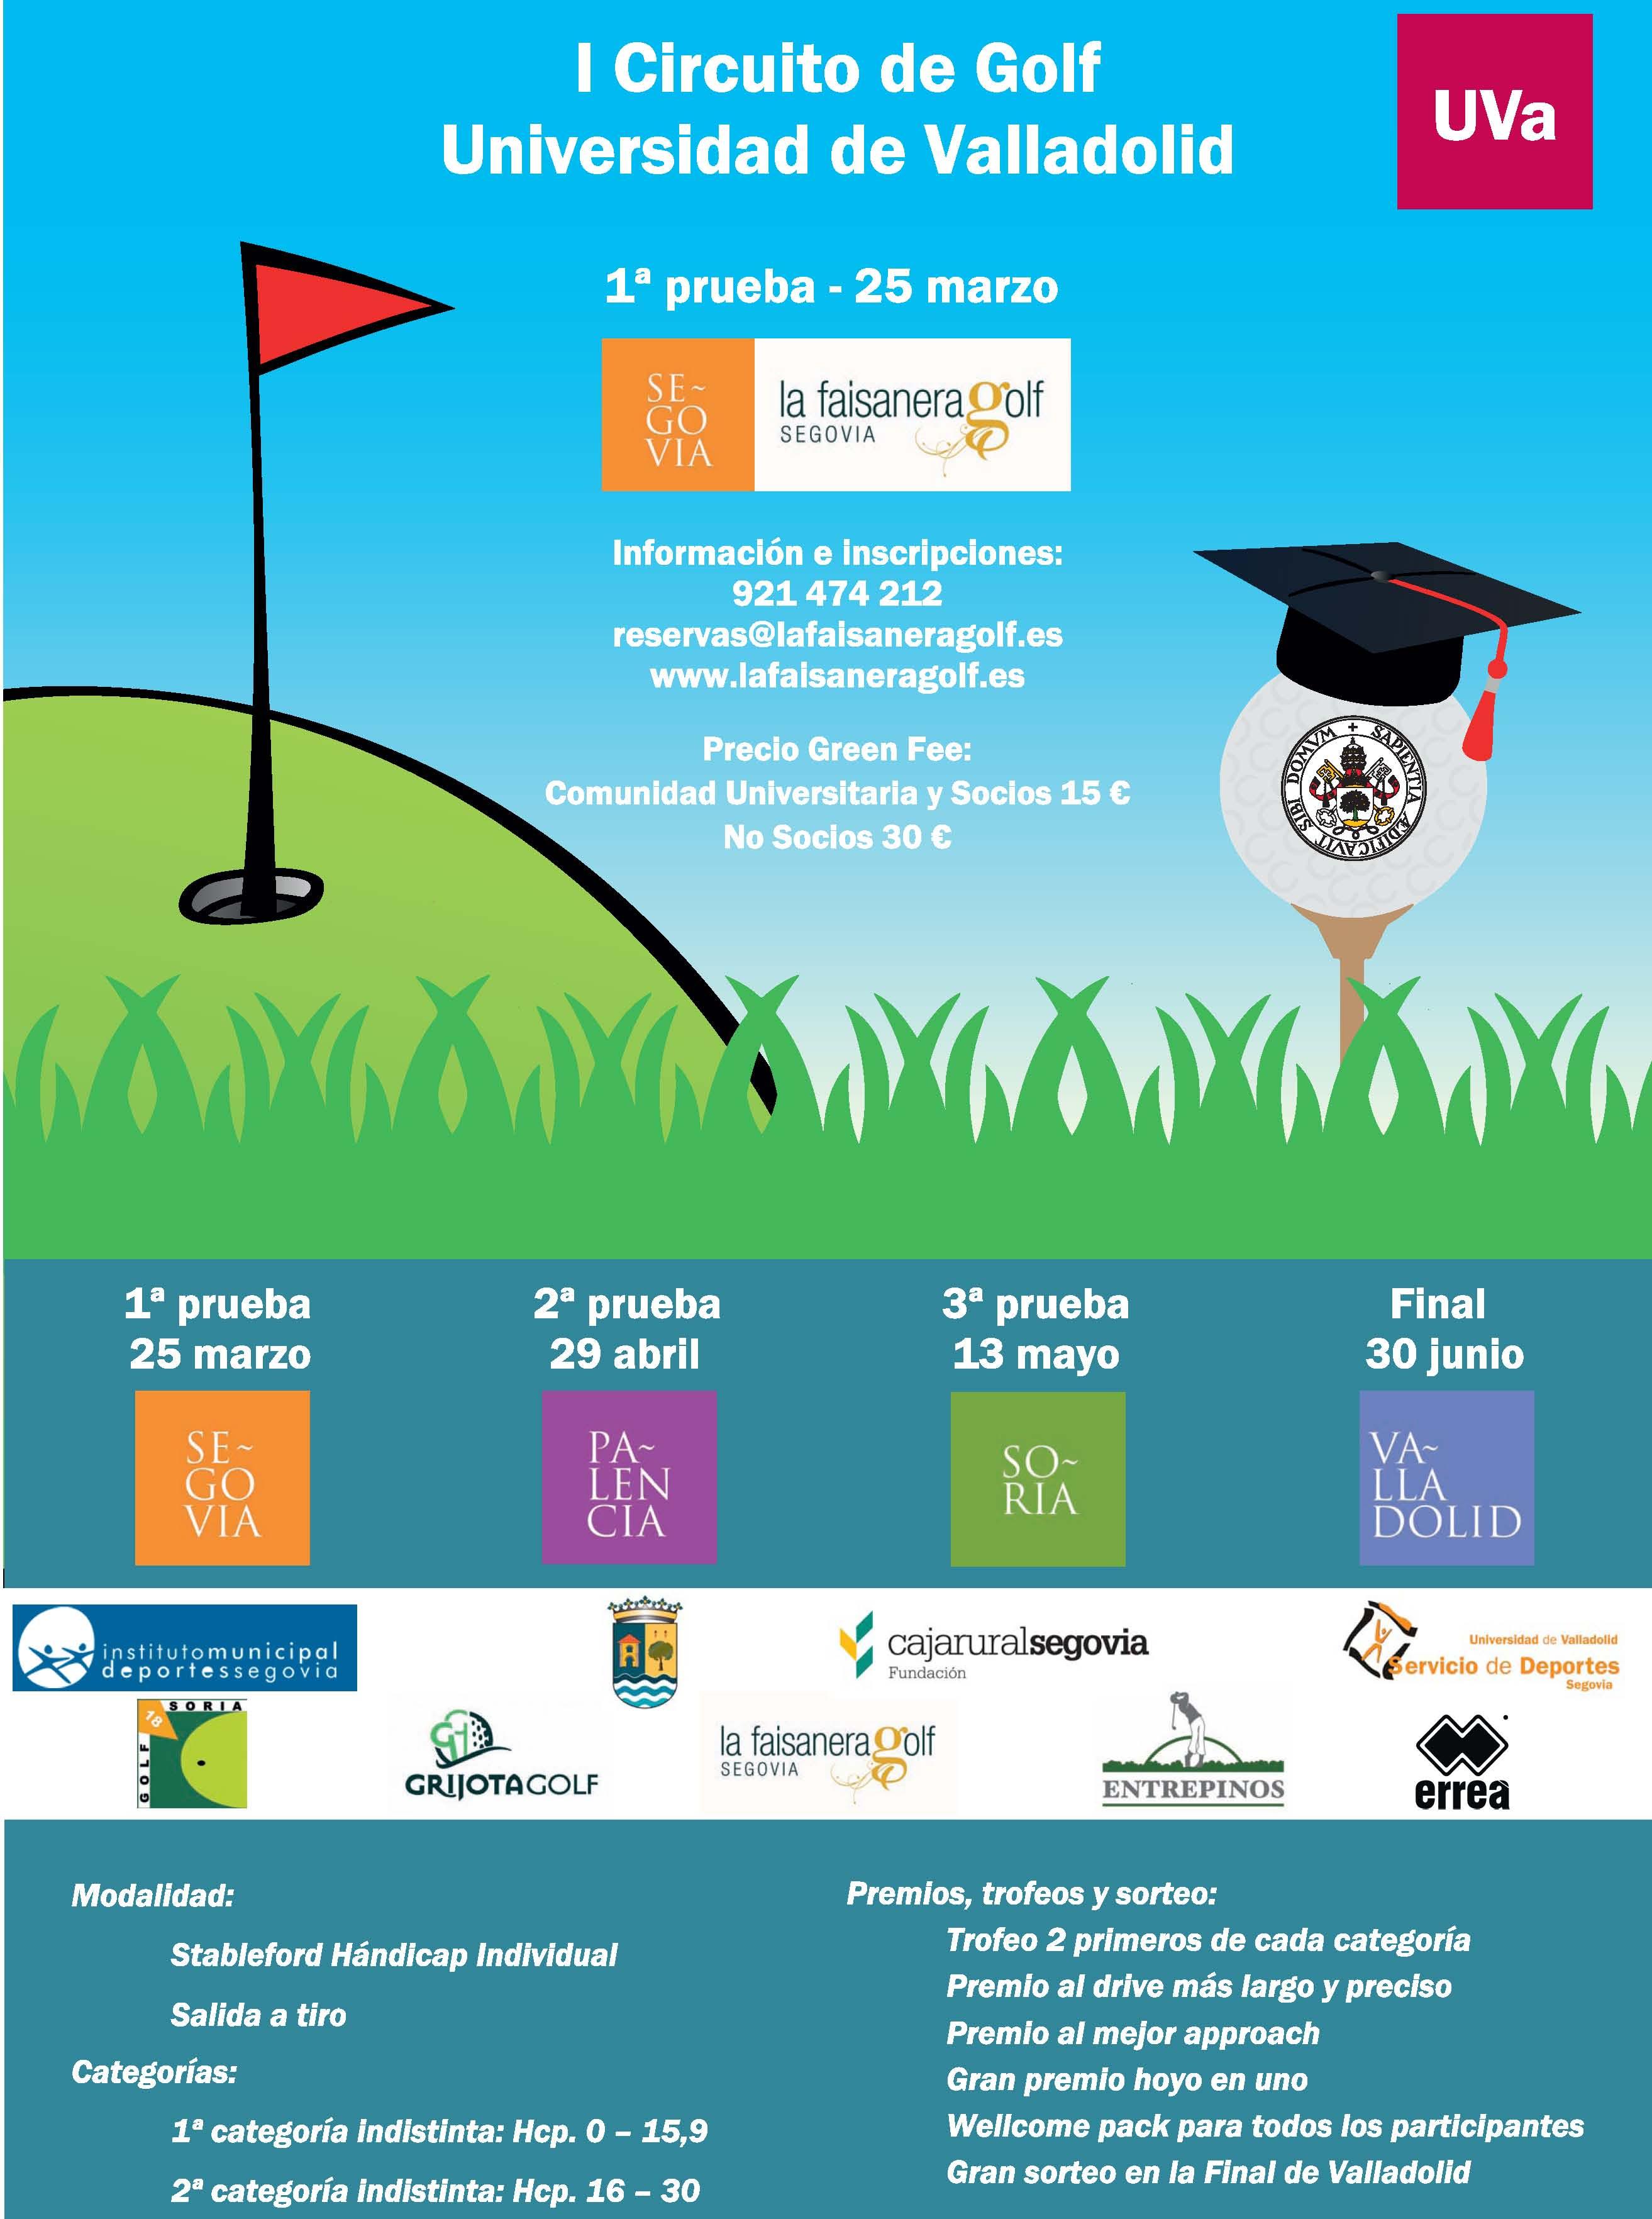 I Circuito Golf Universidad de Valladolid